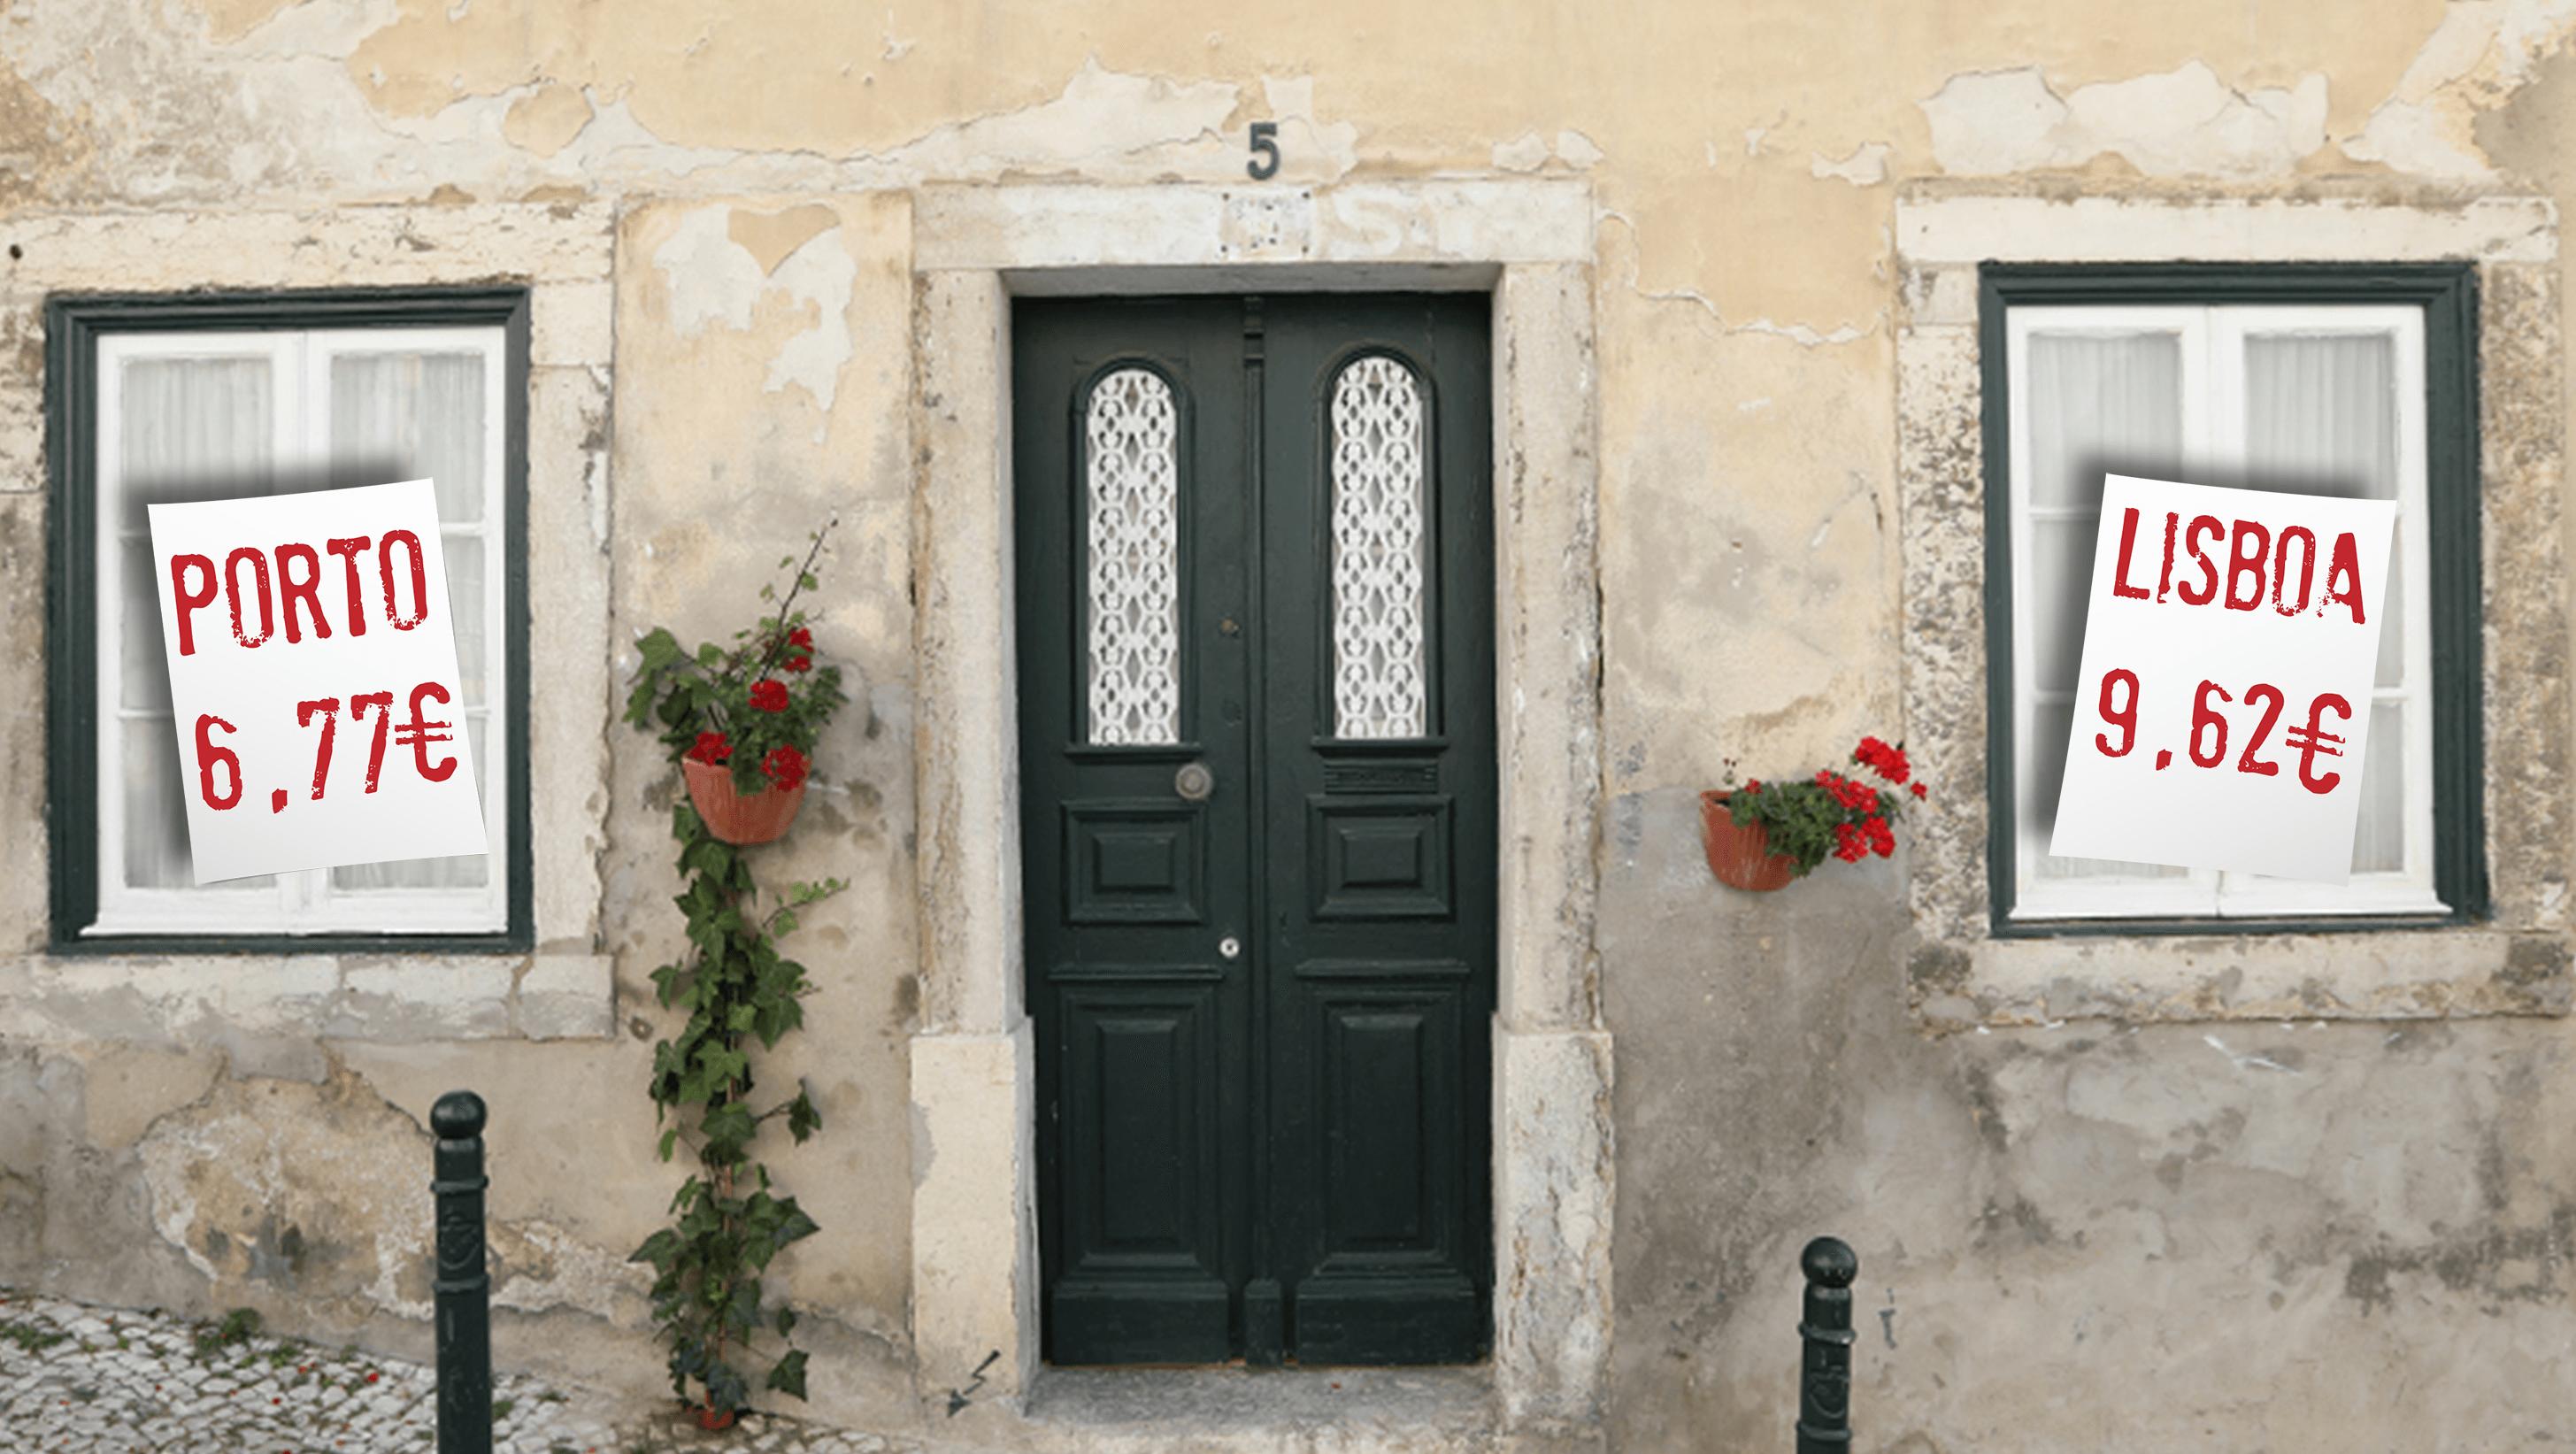 bd6fa2c67 Arrendar uma casa em Portugal tem um custo mediano de 4,39 euros por metro  quadrado, mas os preços variam muito de região para região.